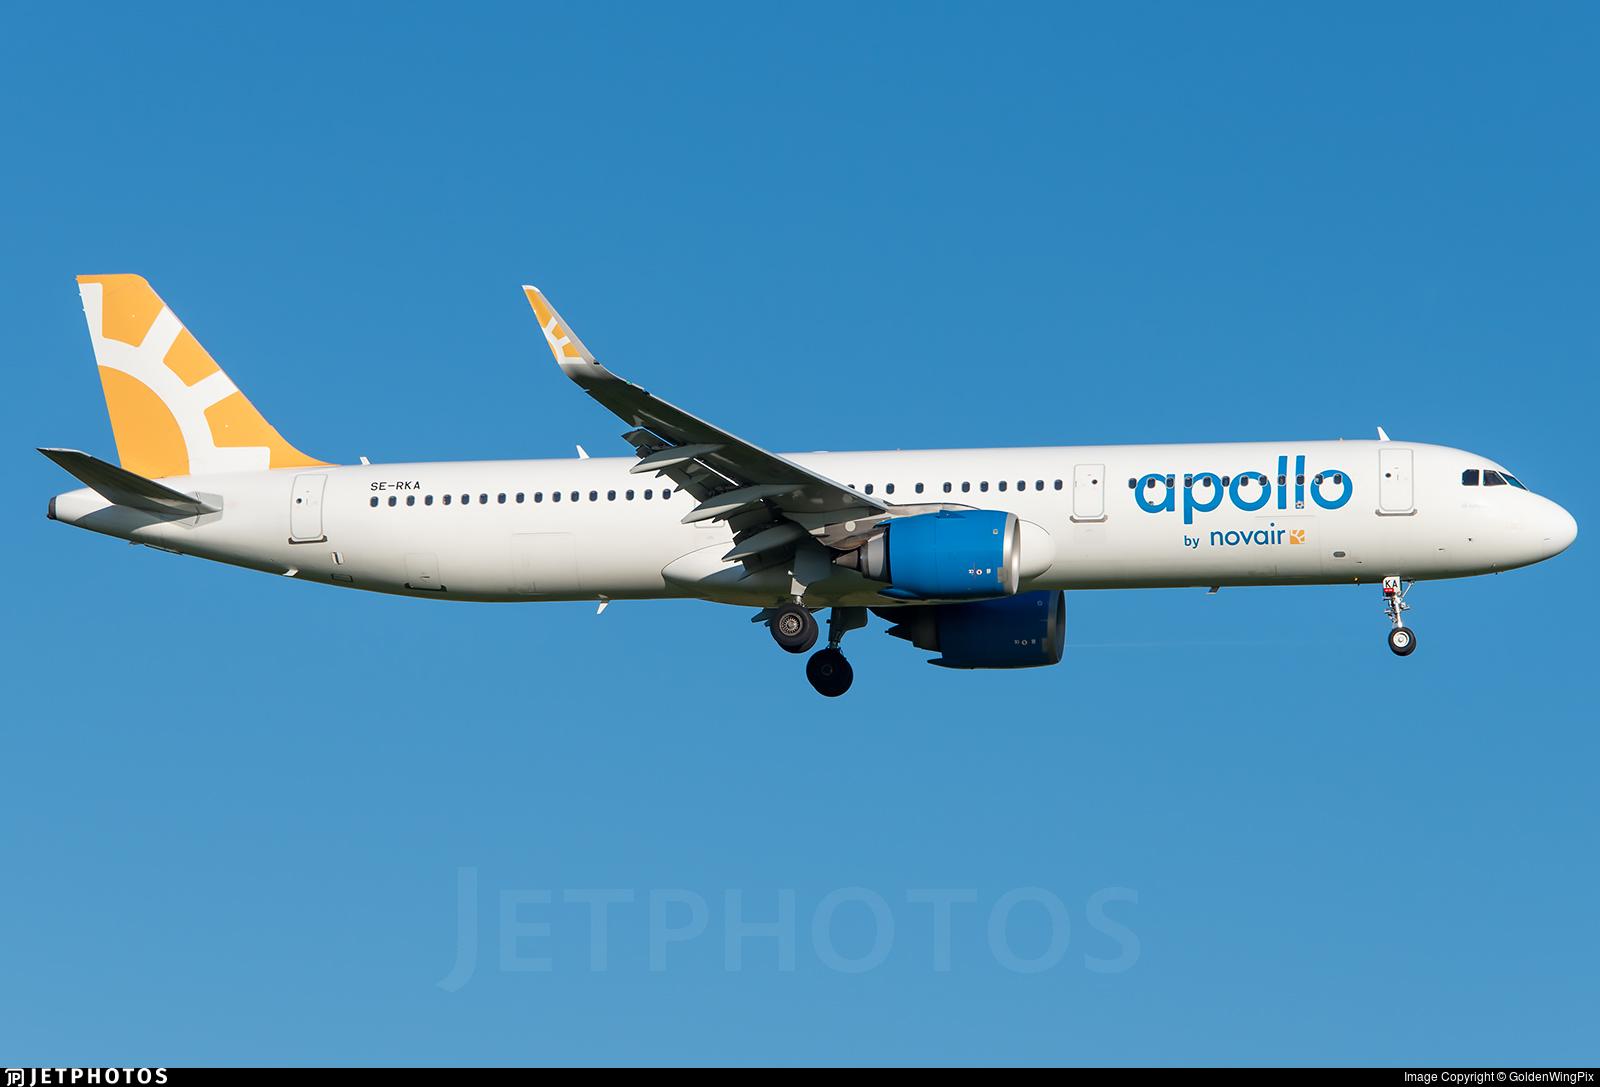 SE-RKA - Airbus A321-251N - Novair